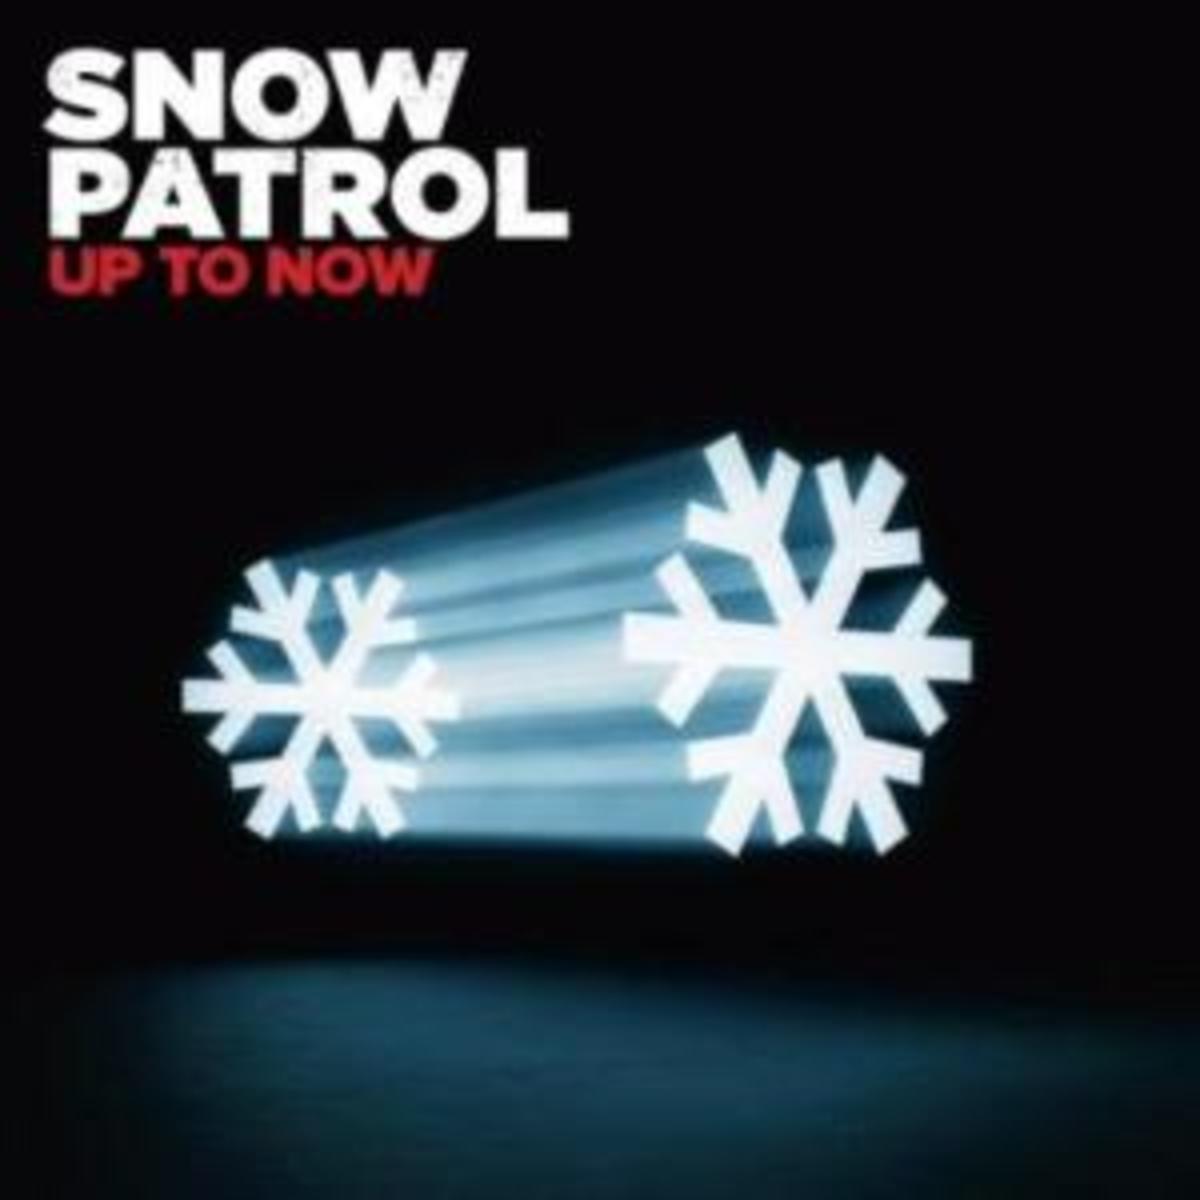 the-top-10-snow-patrol-songs